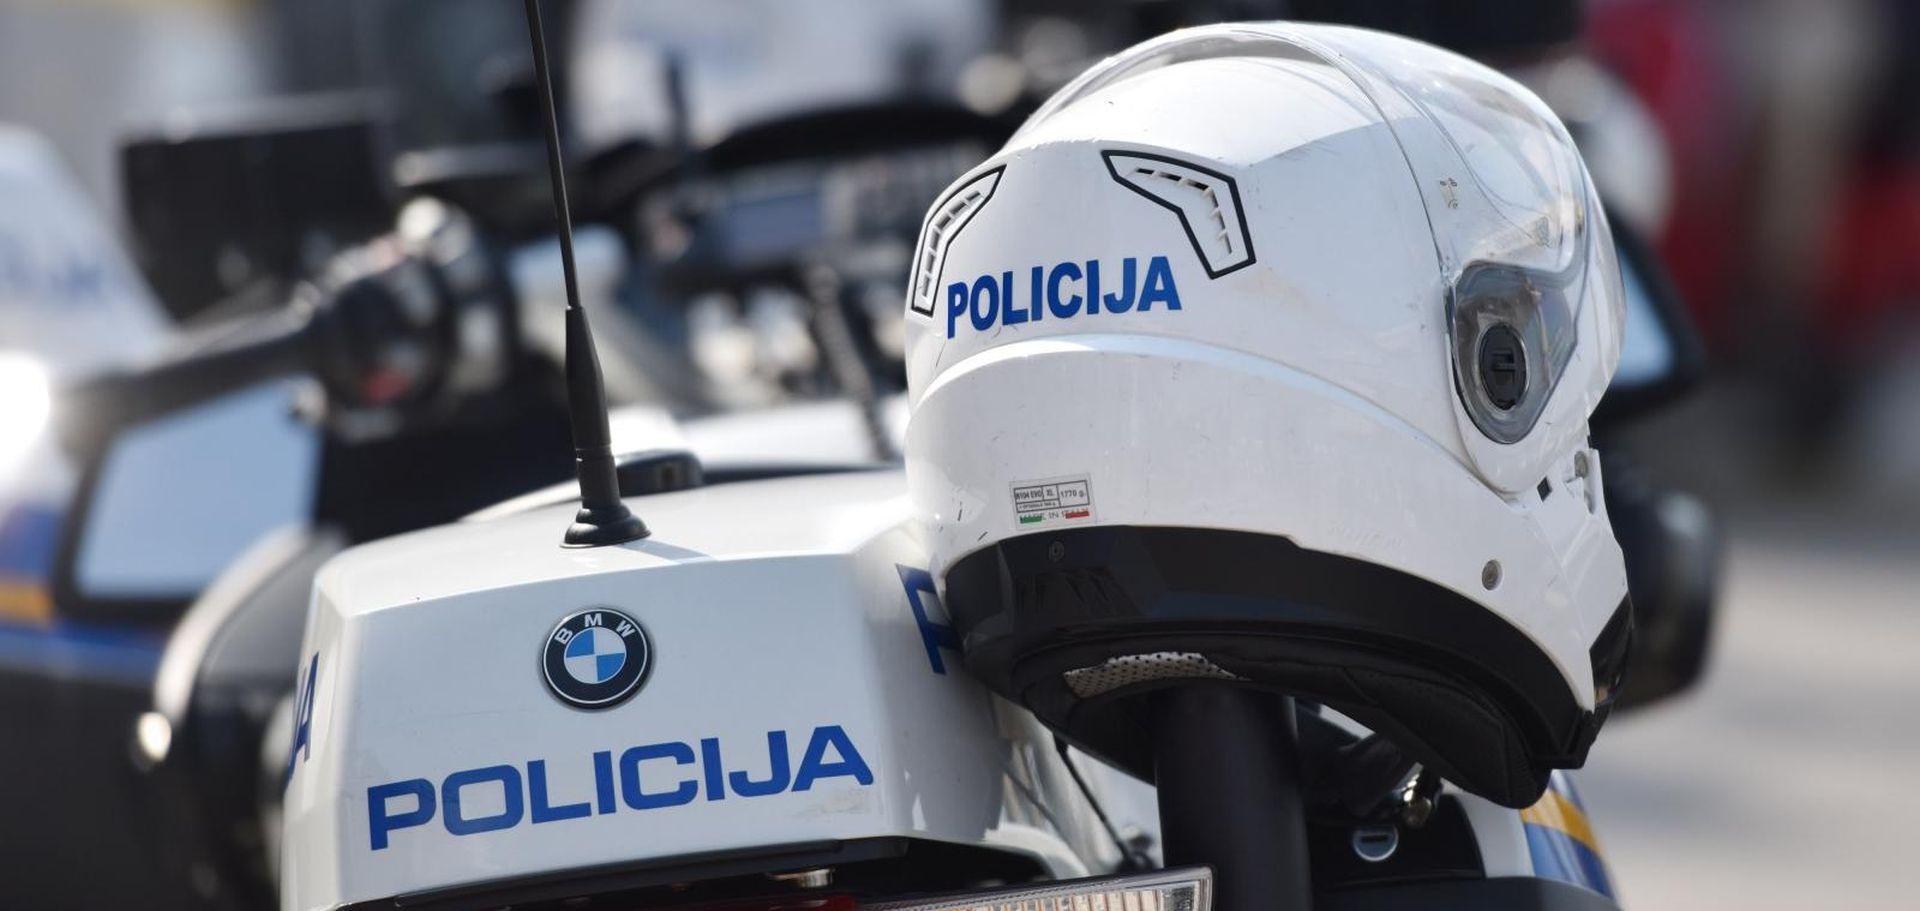 Zagrebačka policija uhitila serijskog razbojnika